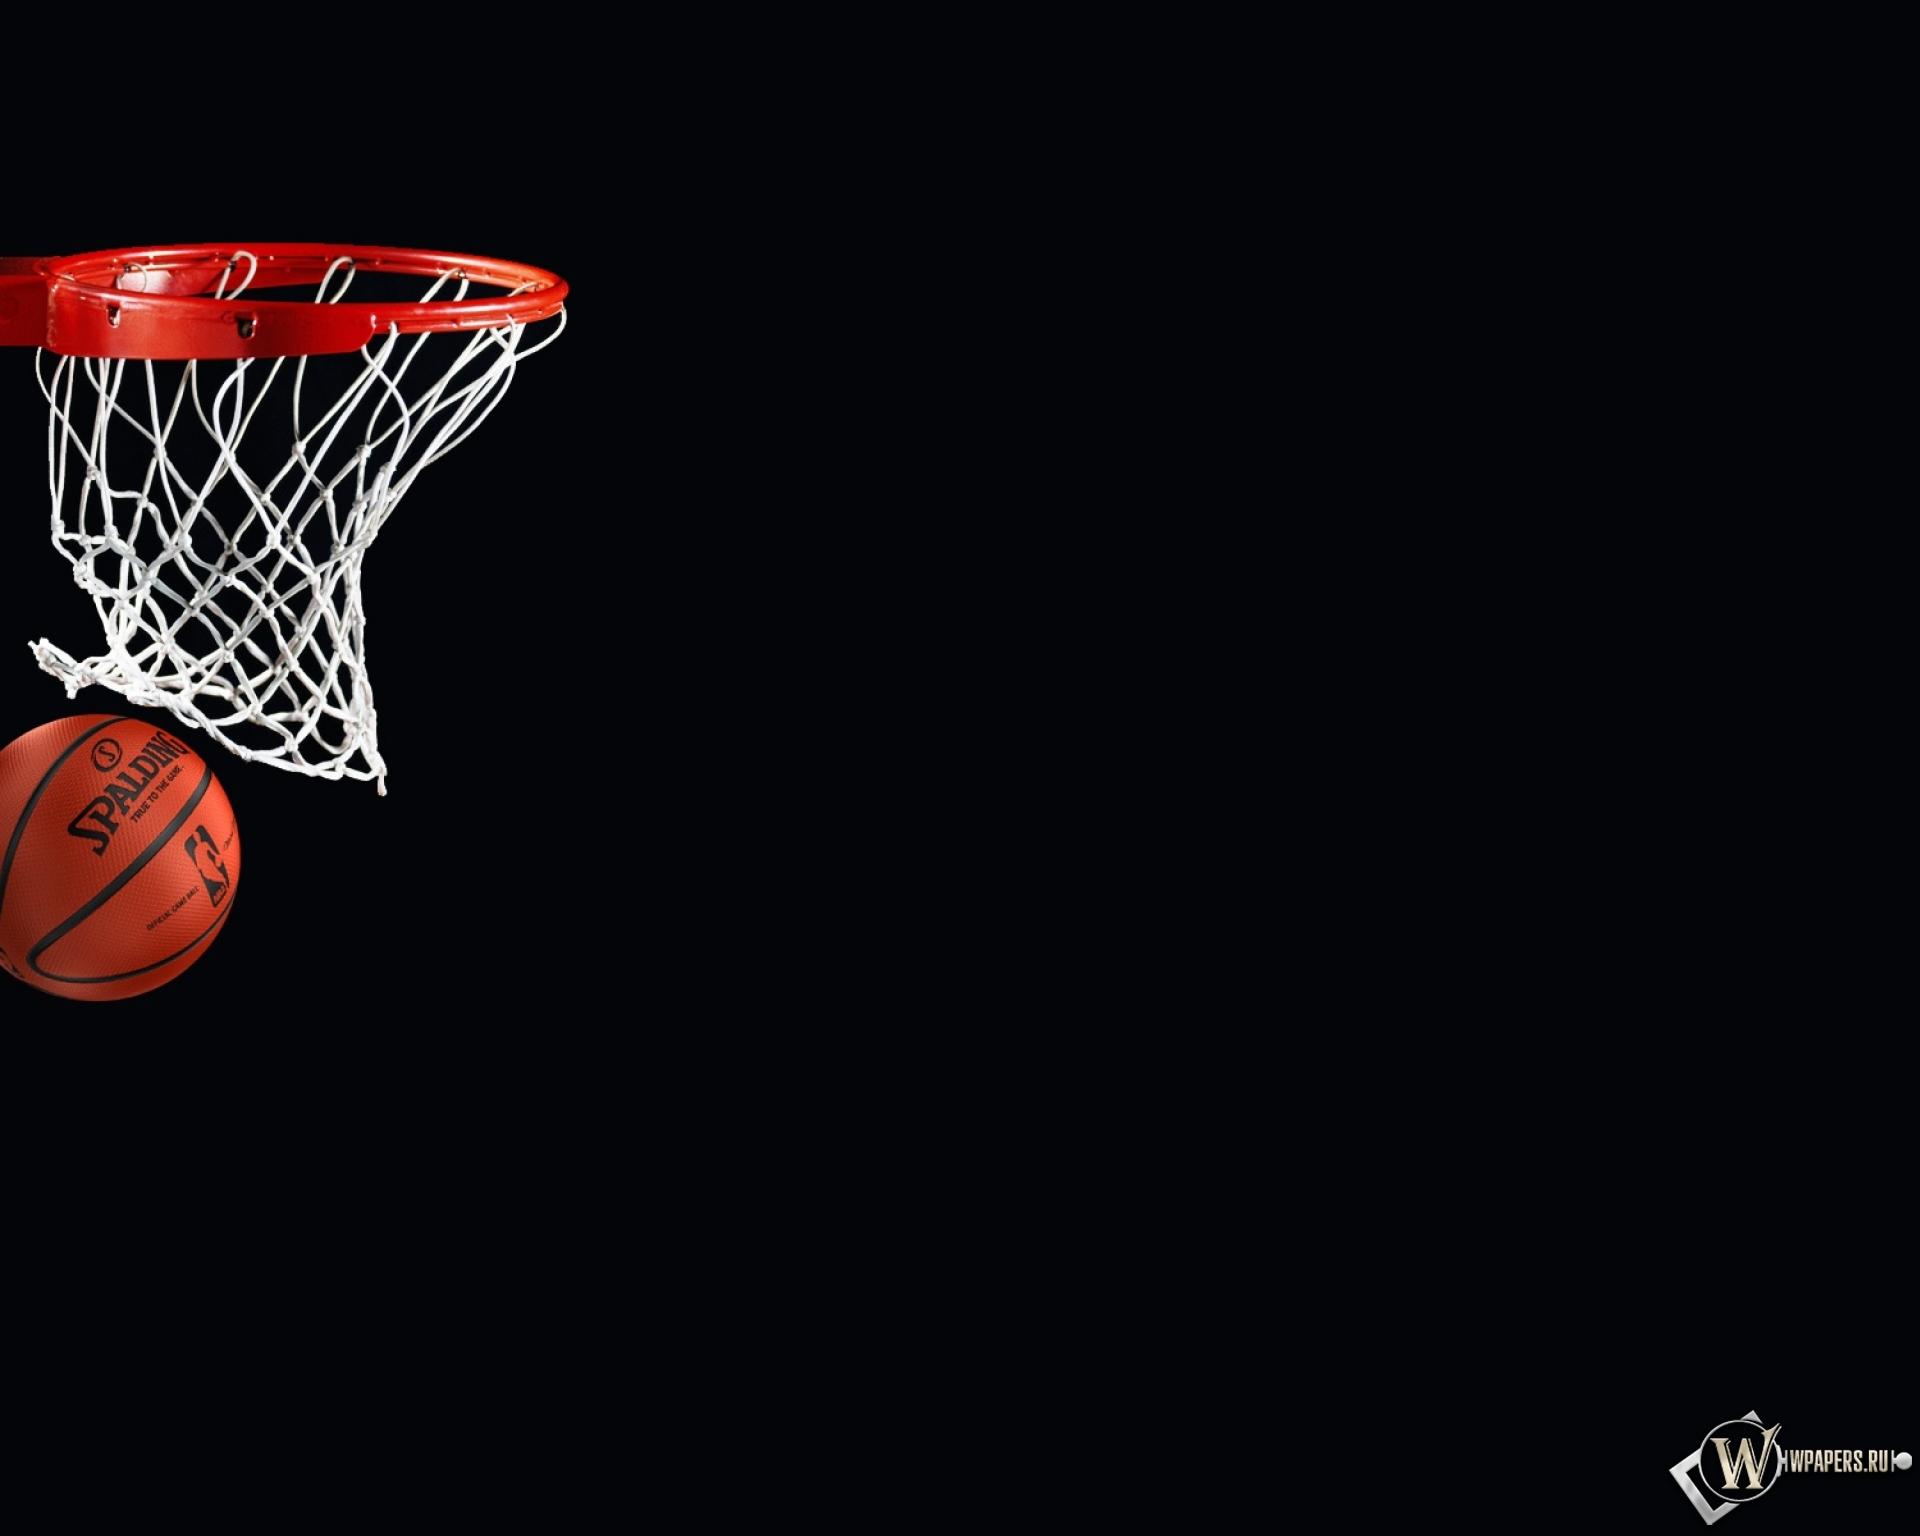 Мяч и корзина 1920x1536